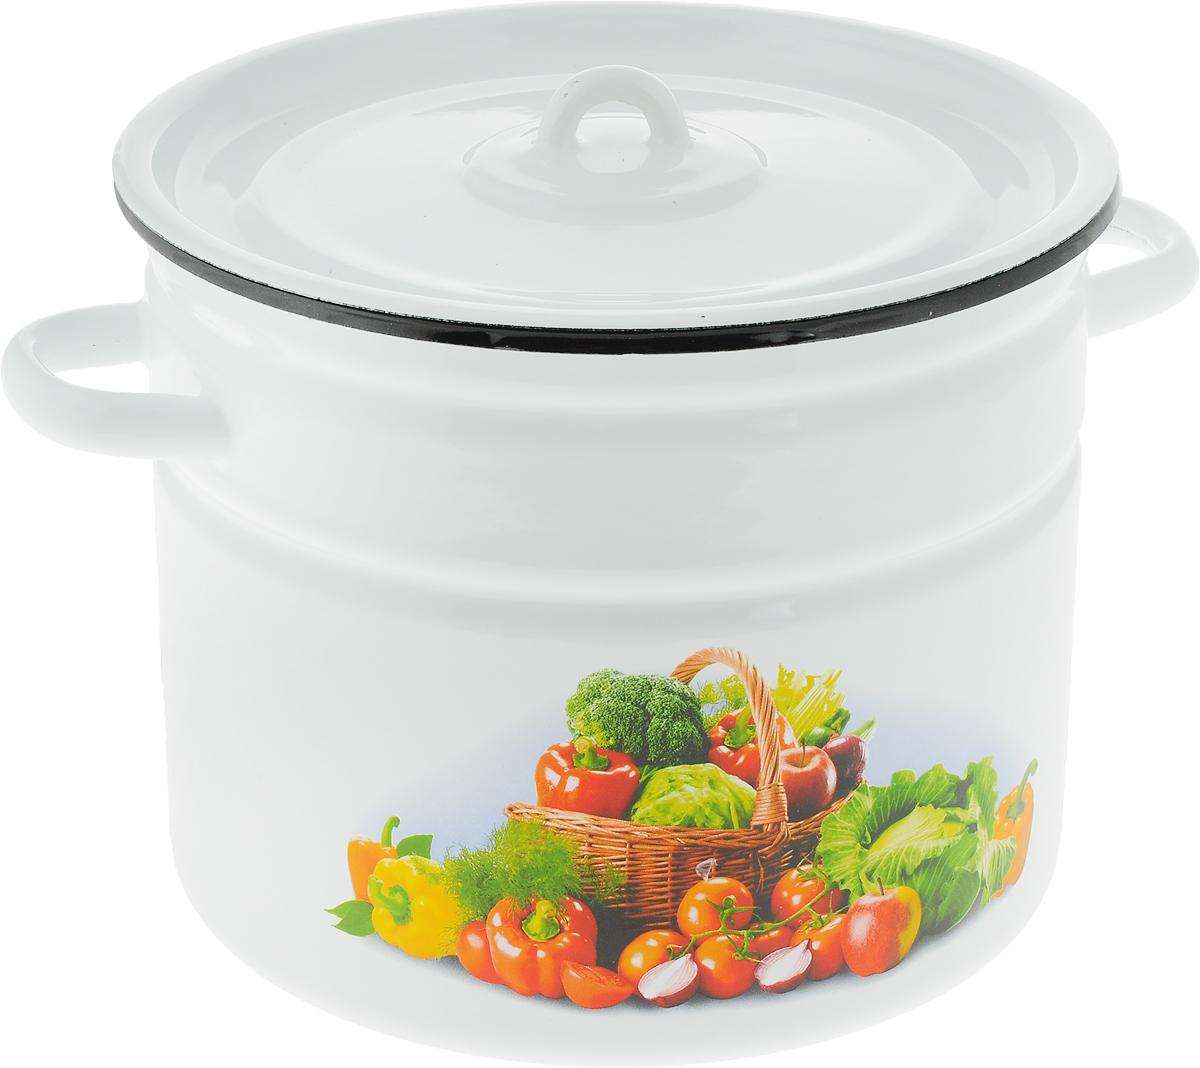 Кастрюля эмалированная СтальЭмаль  Овощи  с крышкой, цвет: белый, 9 л - Посуда для приготовления